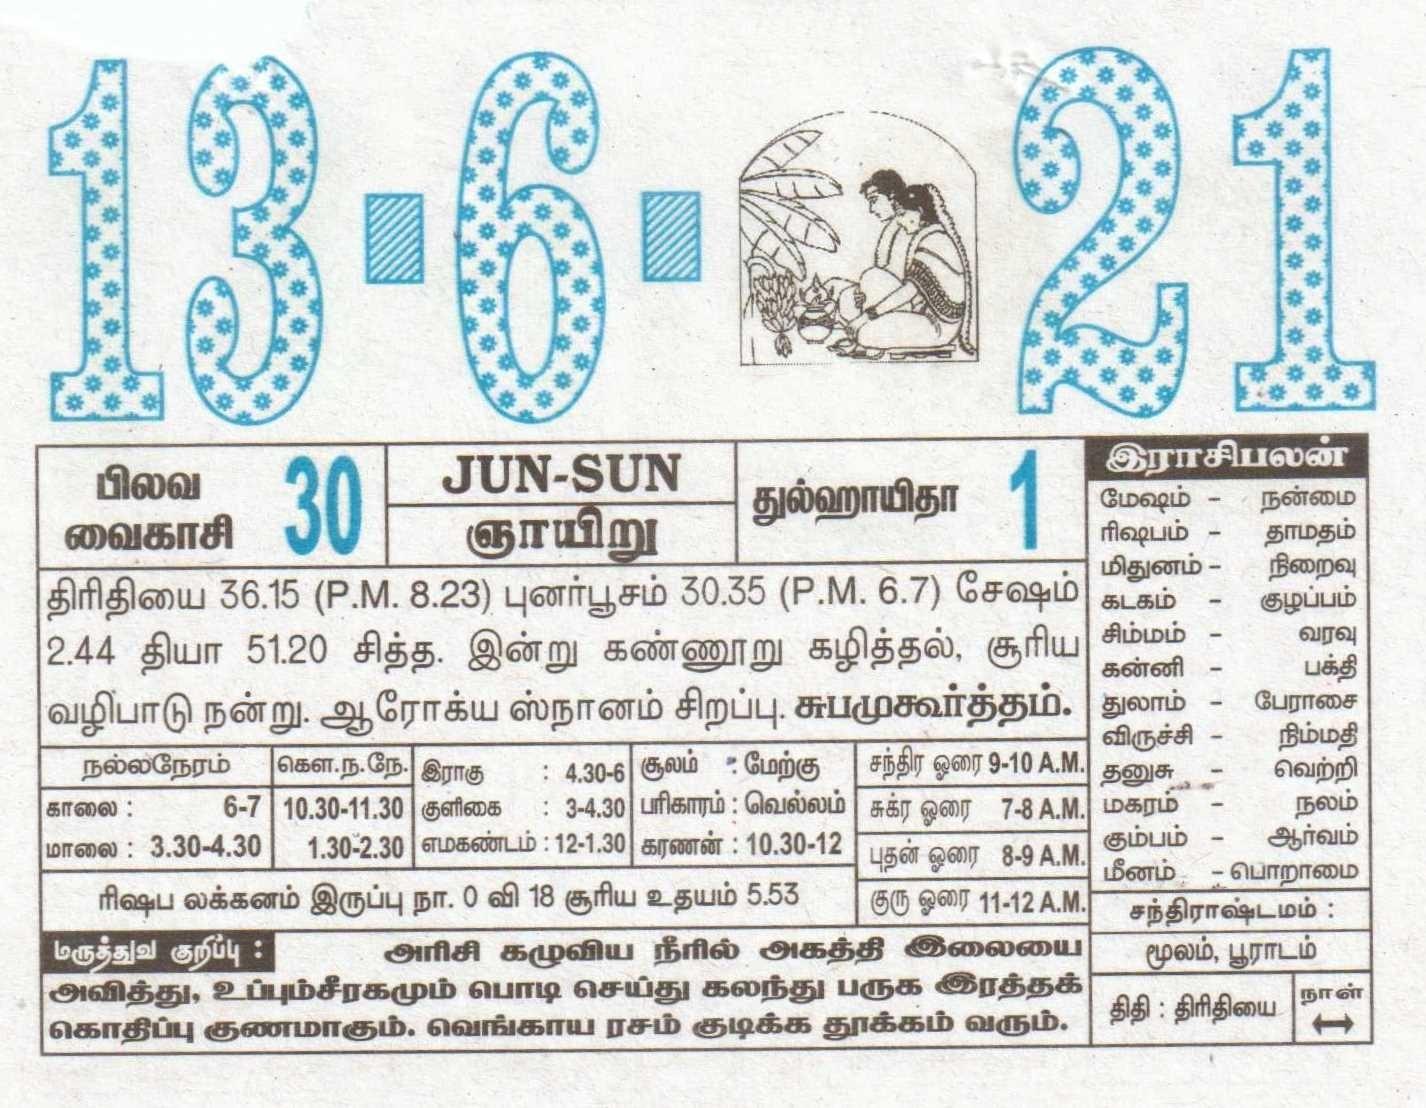 13-06-2021 Daily Calendar | Date 13 , January Daily Tear Off Calendar | Daily Panchangam Rasi Palan Tamil Monthly Calendar 2021 October